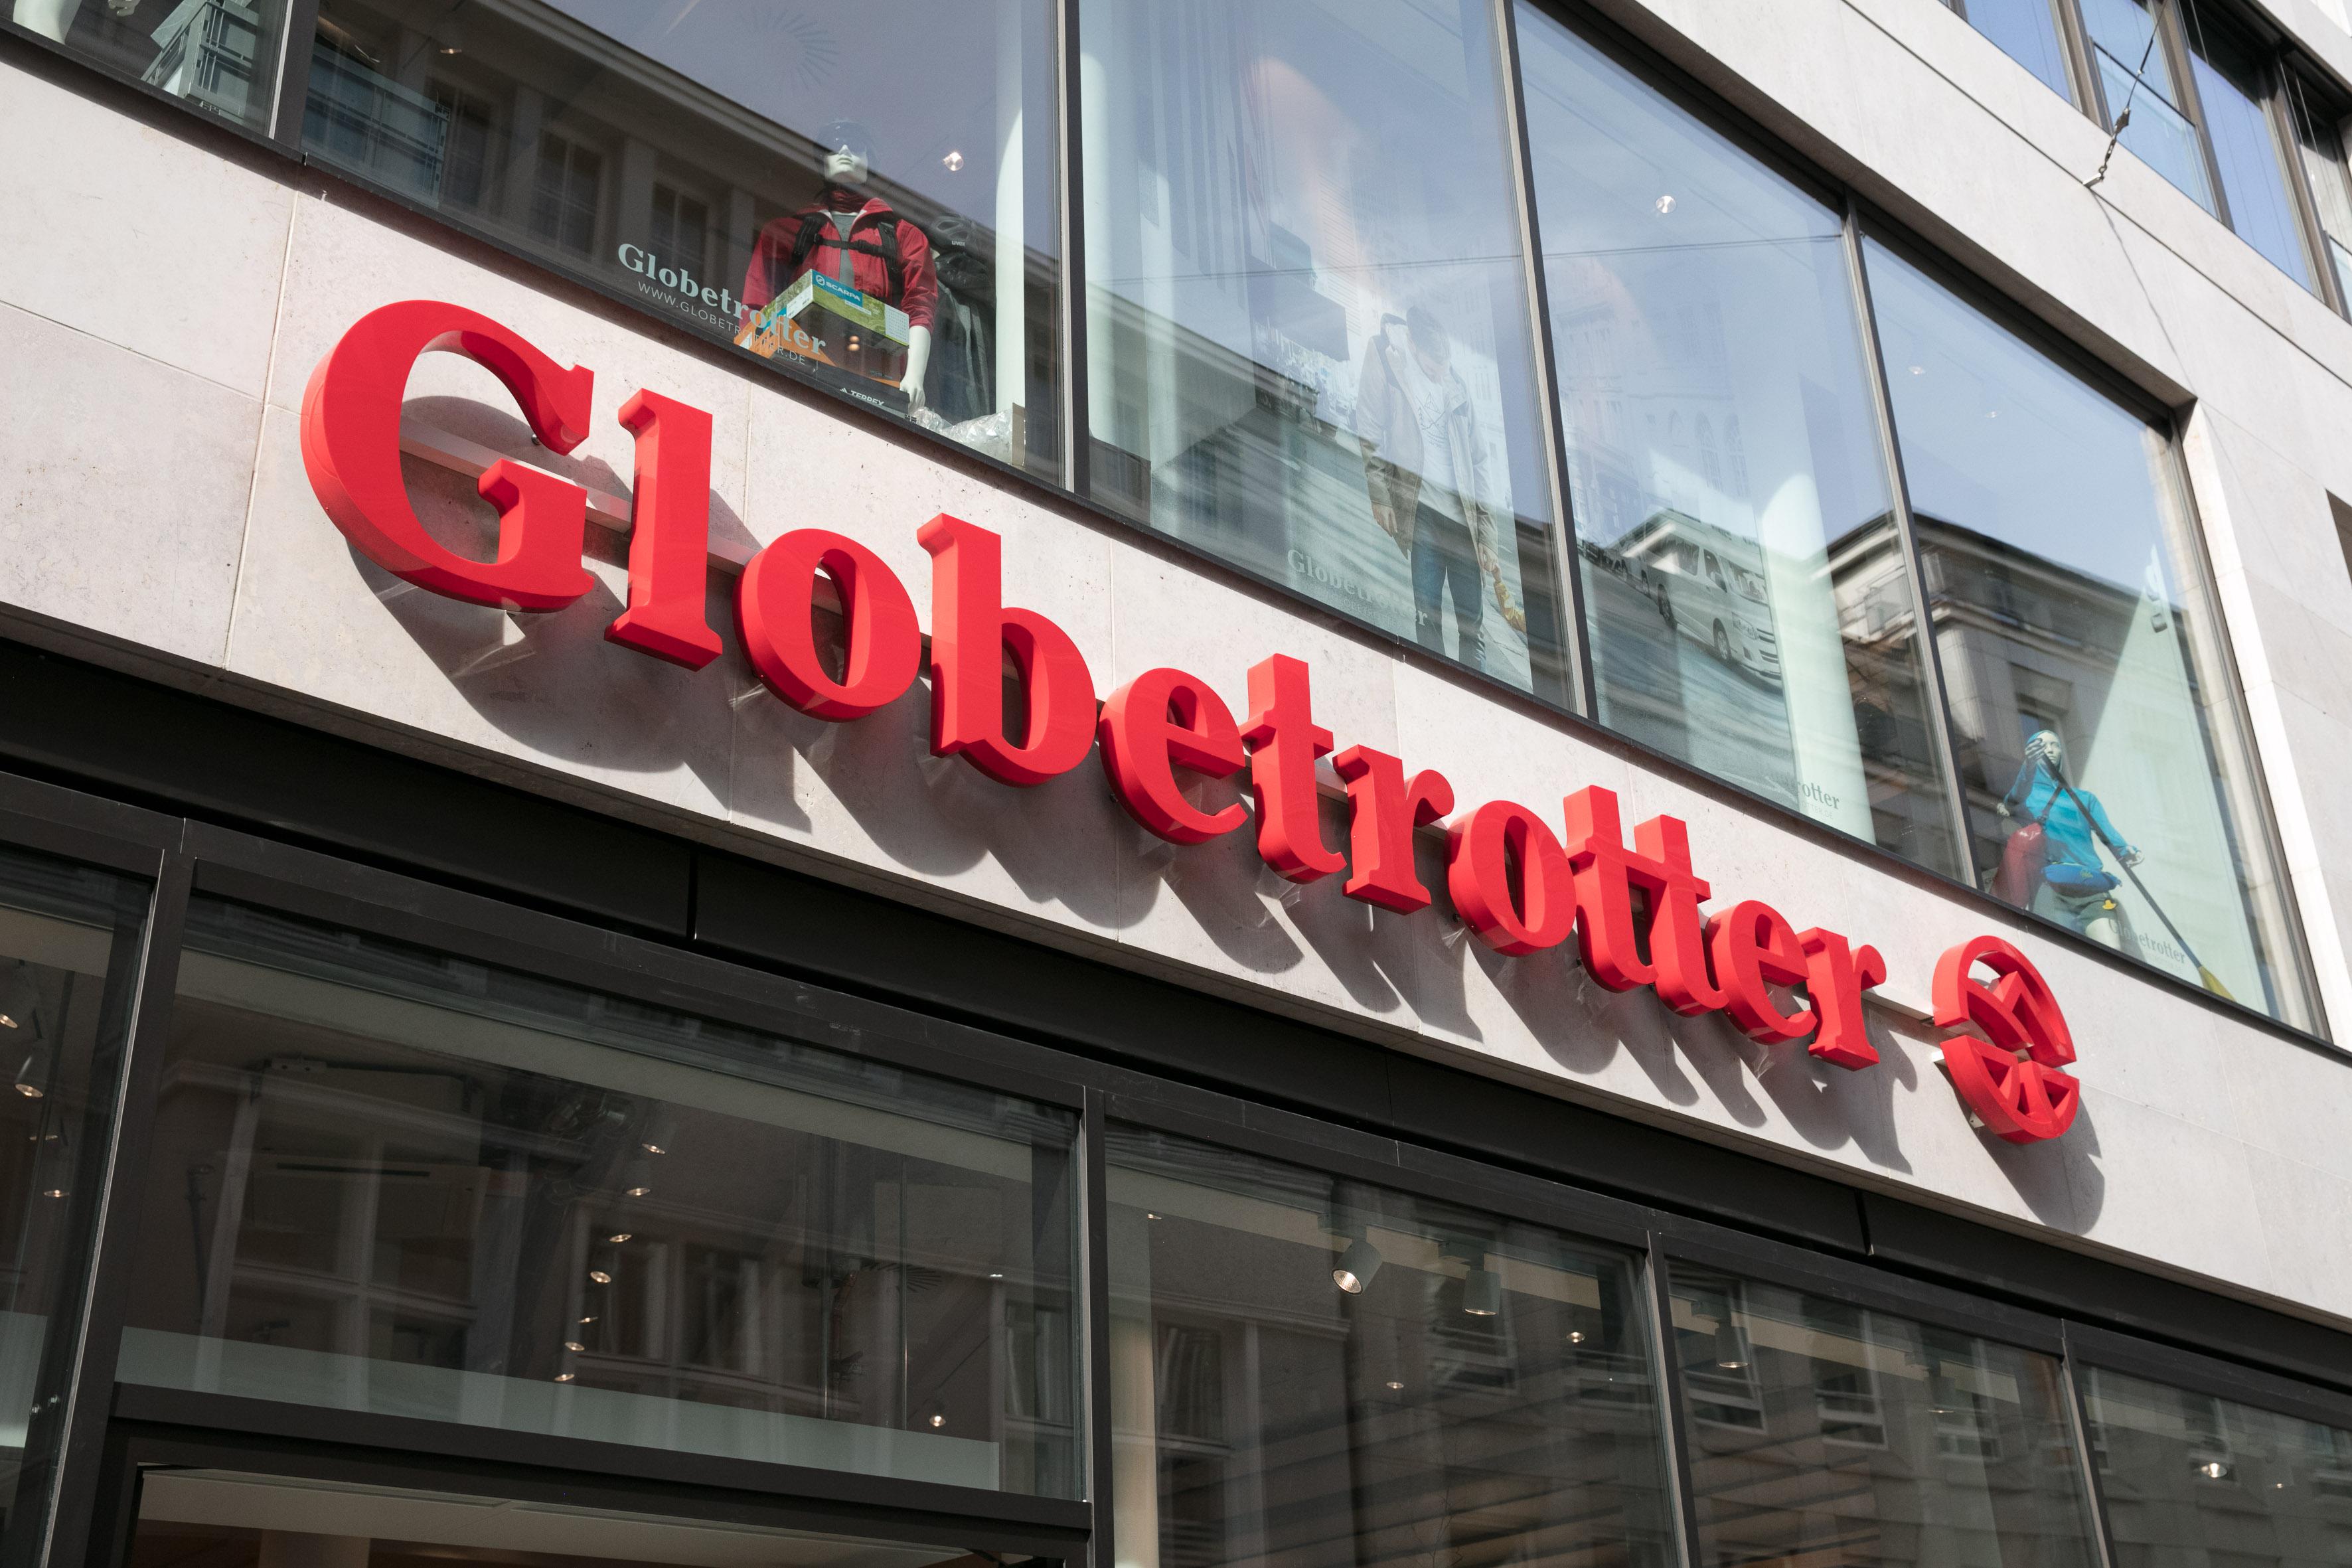 Kletterausrüstung Hamburg Kaufen : Presseinfo filiale hamburg city globetrotter.de